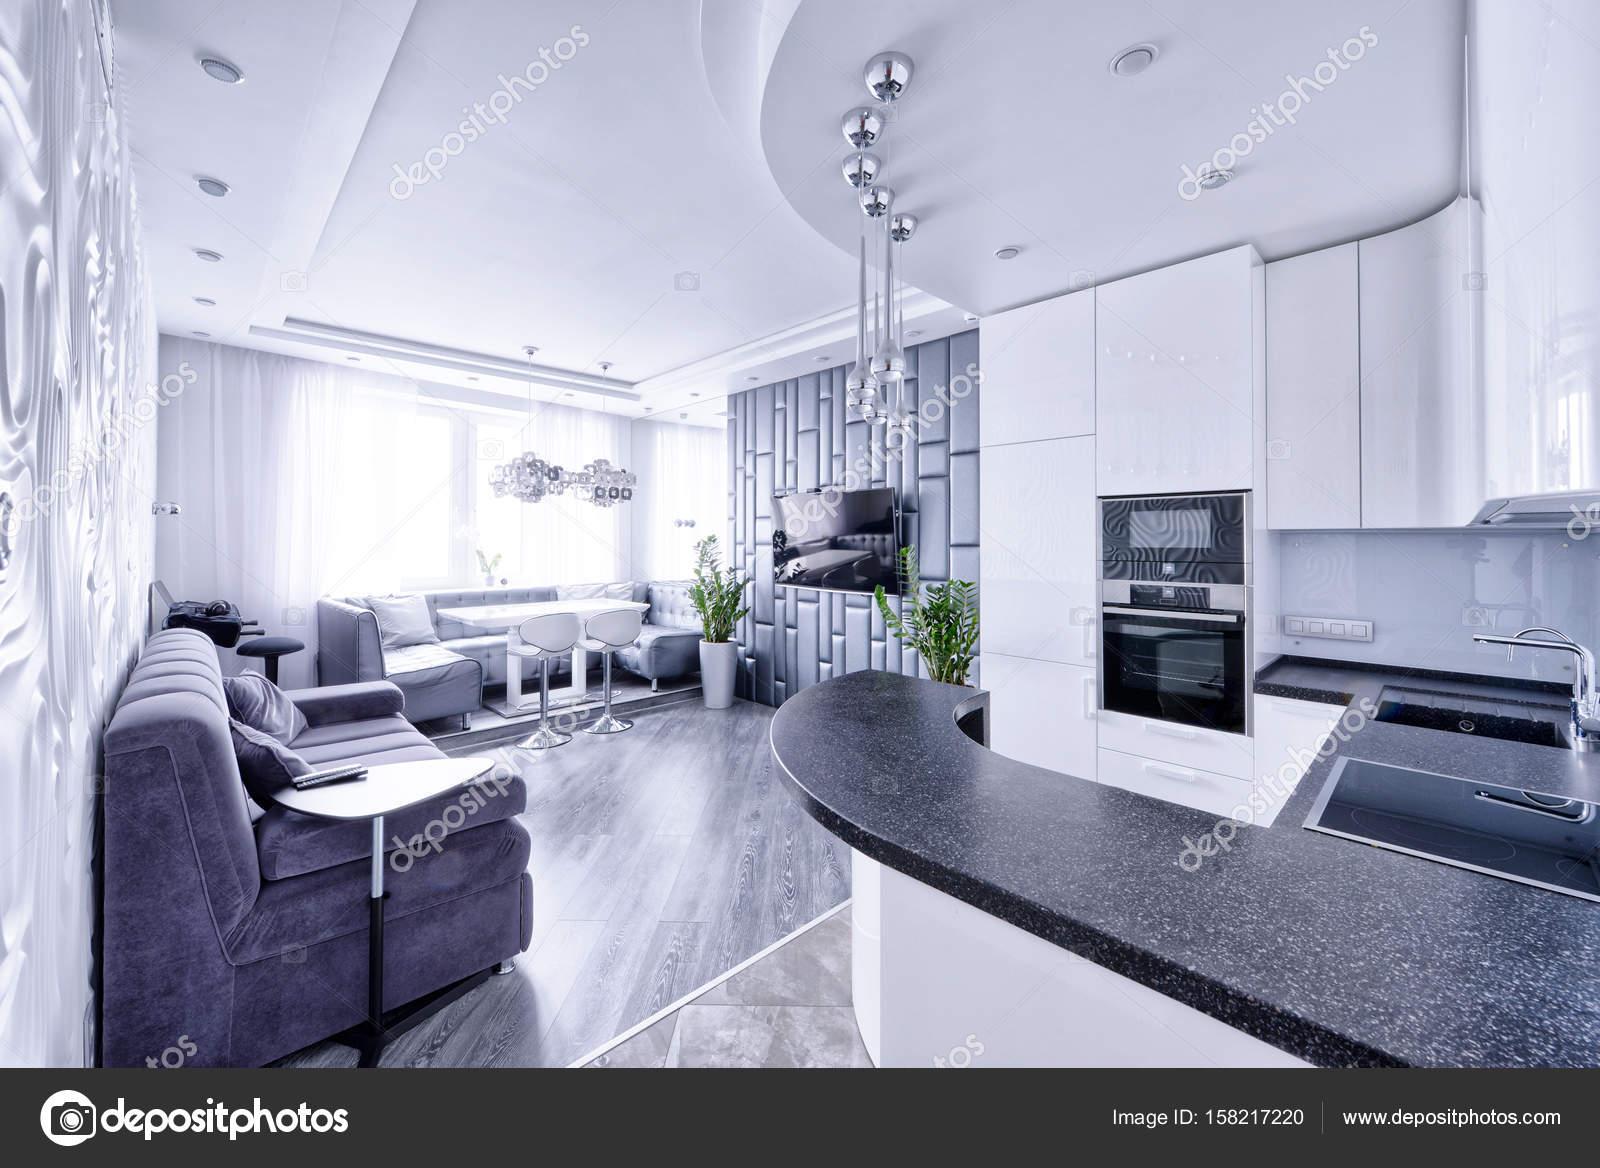 Modernes Design Innenraum mit weißen Hochglanz Küche in einem ...